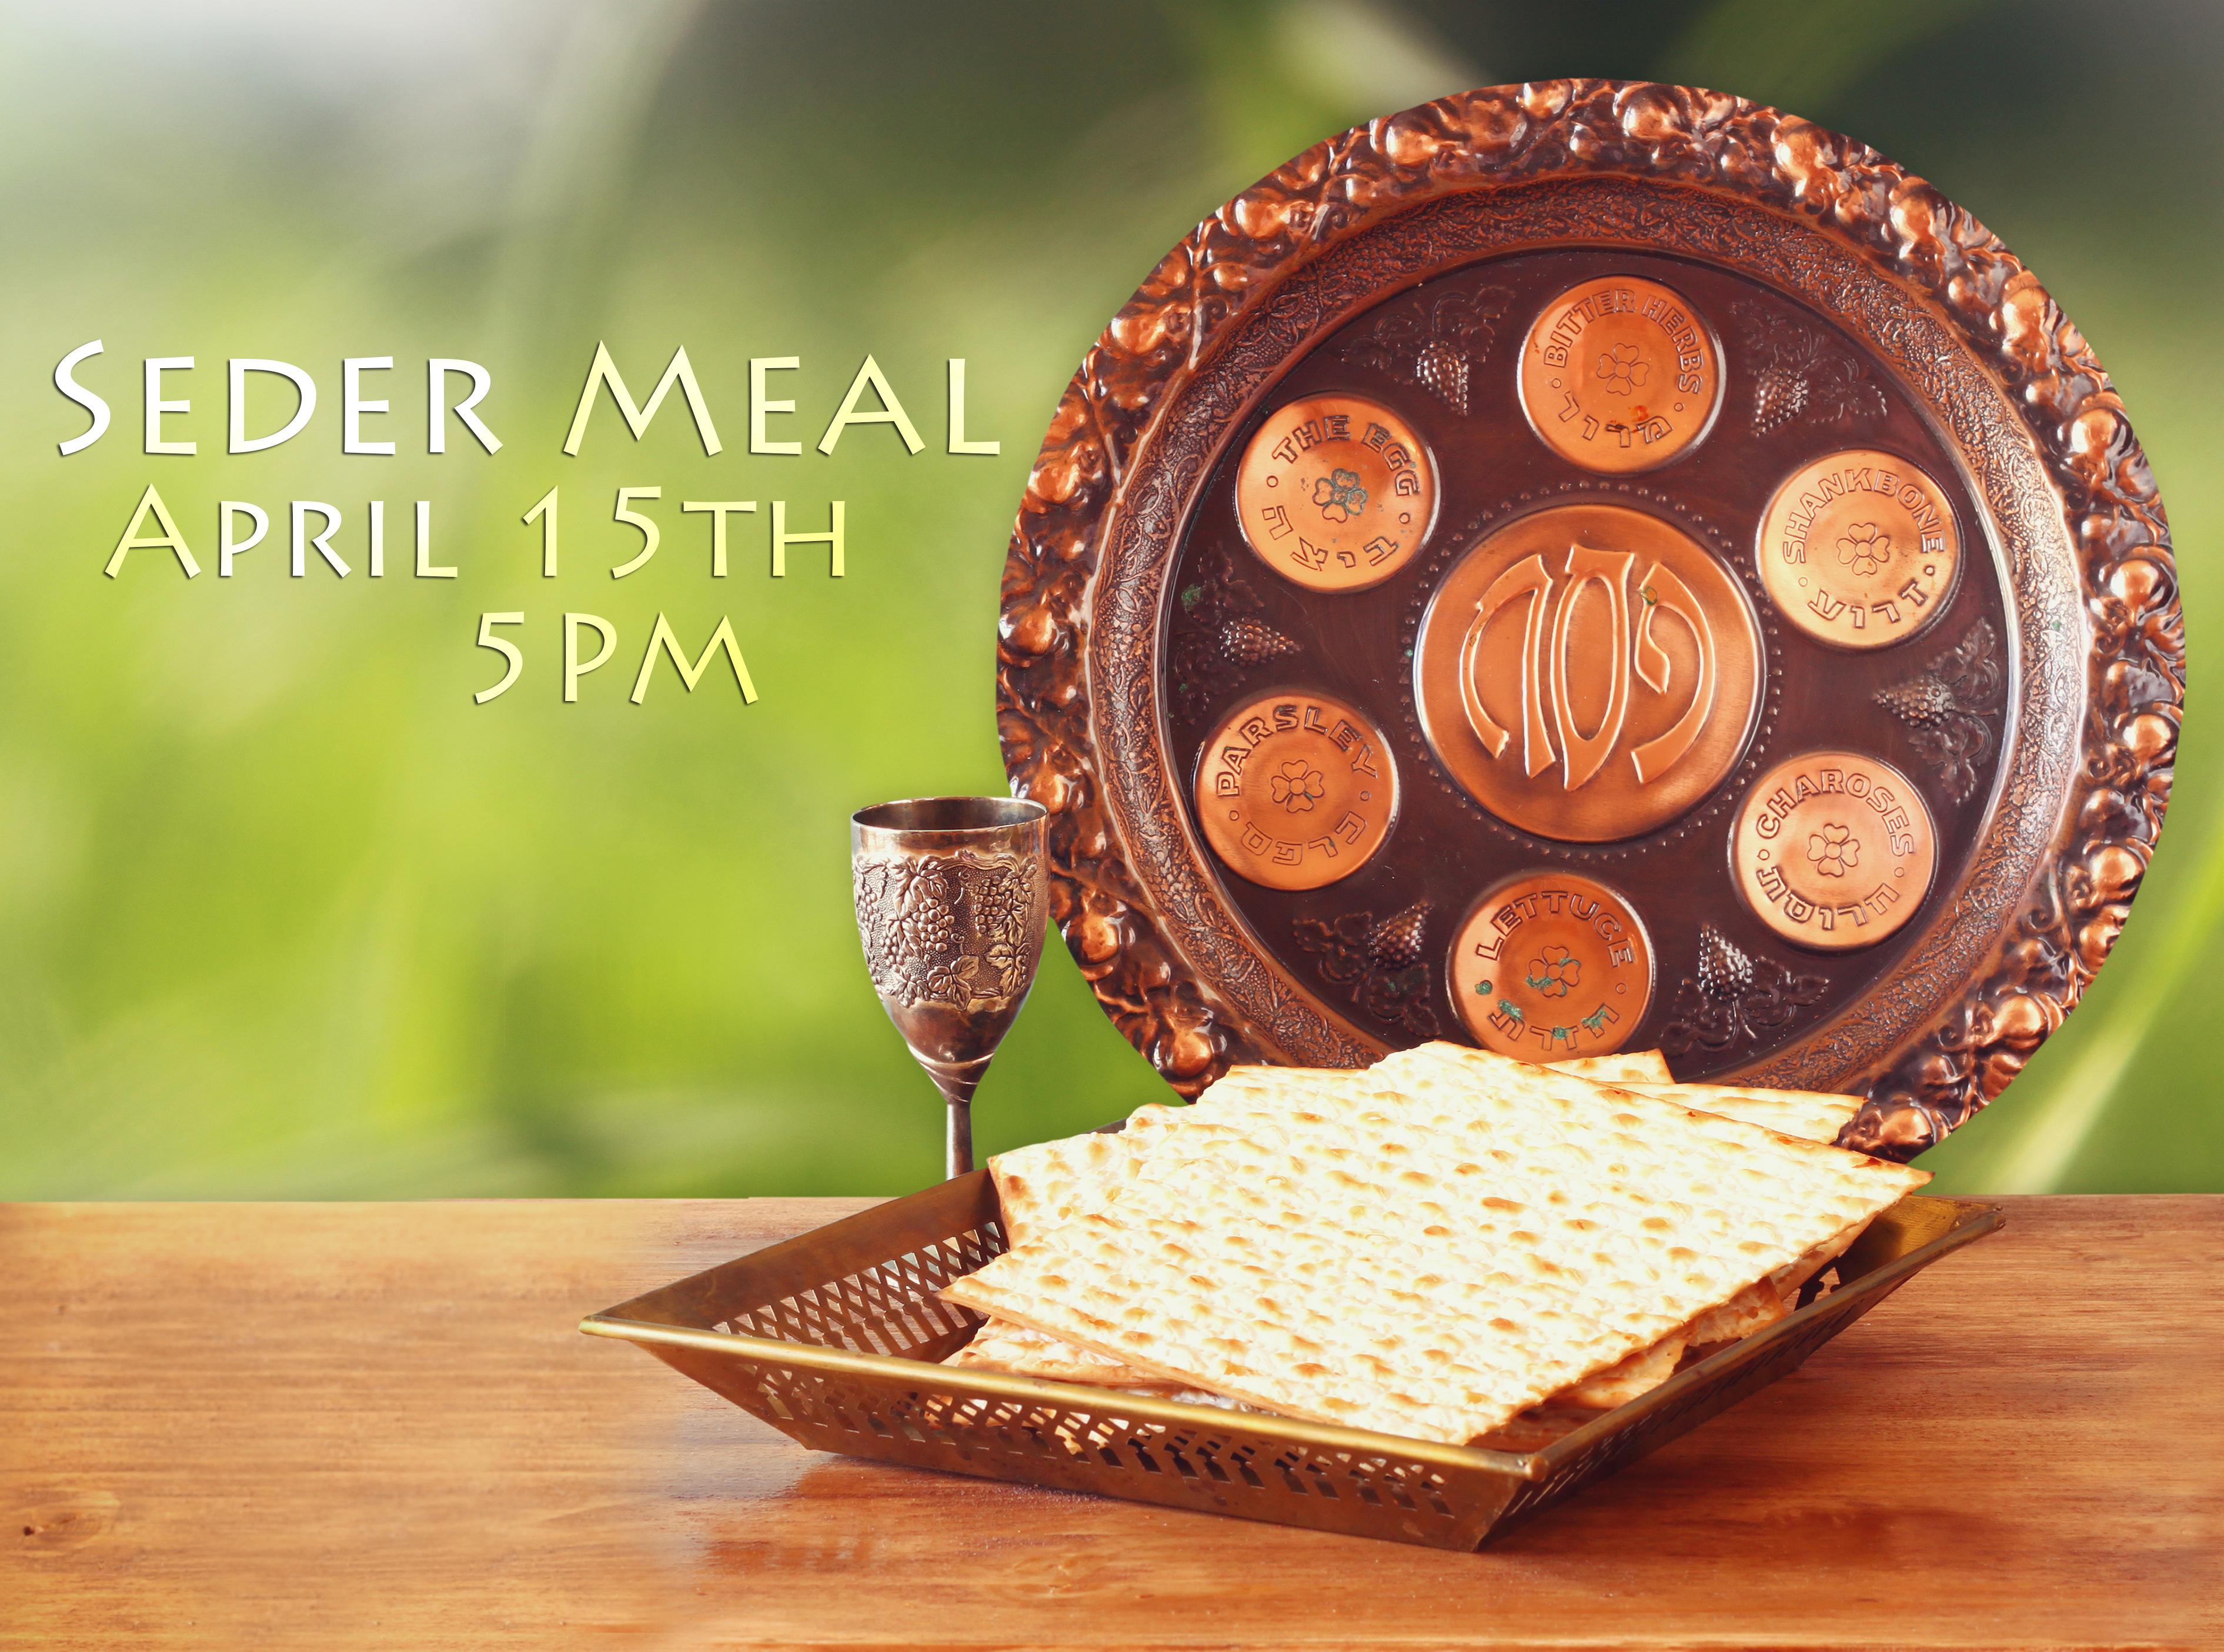 Seder meal2